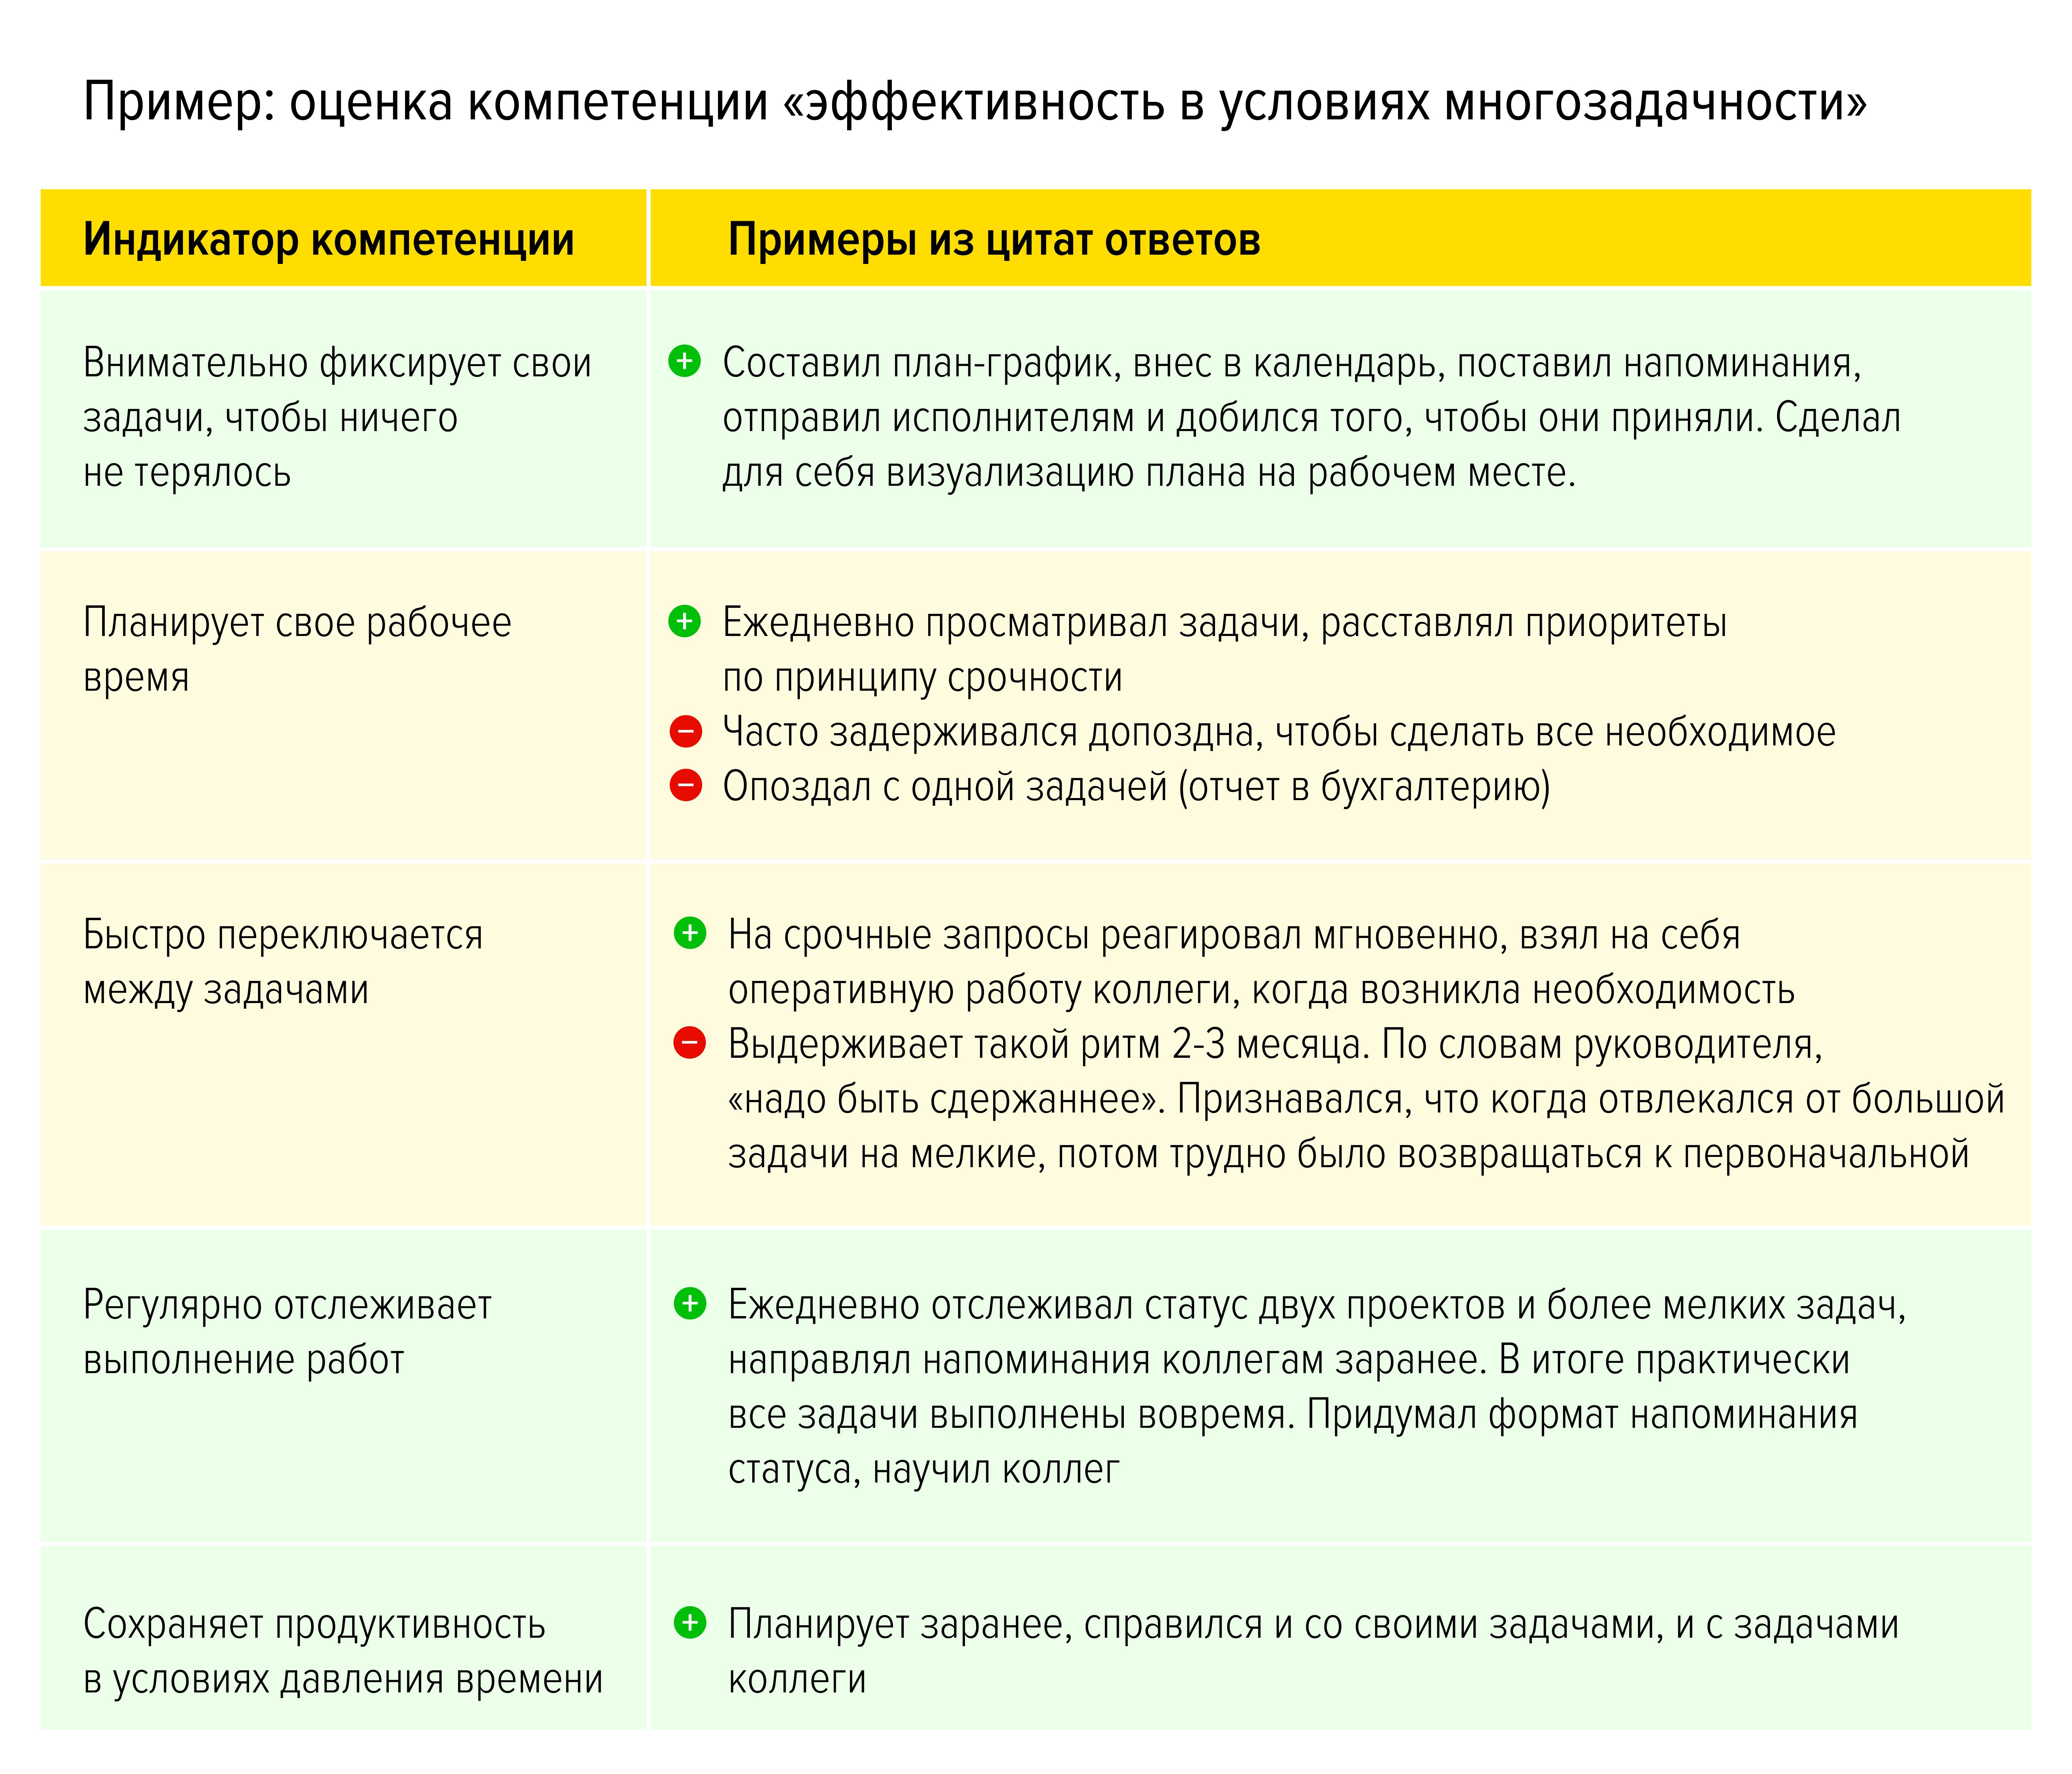 Как оценить антикризисные навыки: интервью по компетенциям